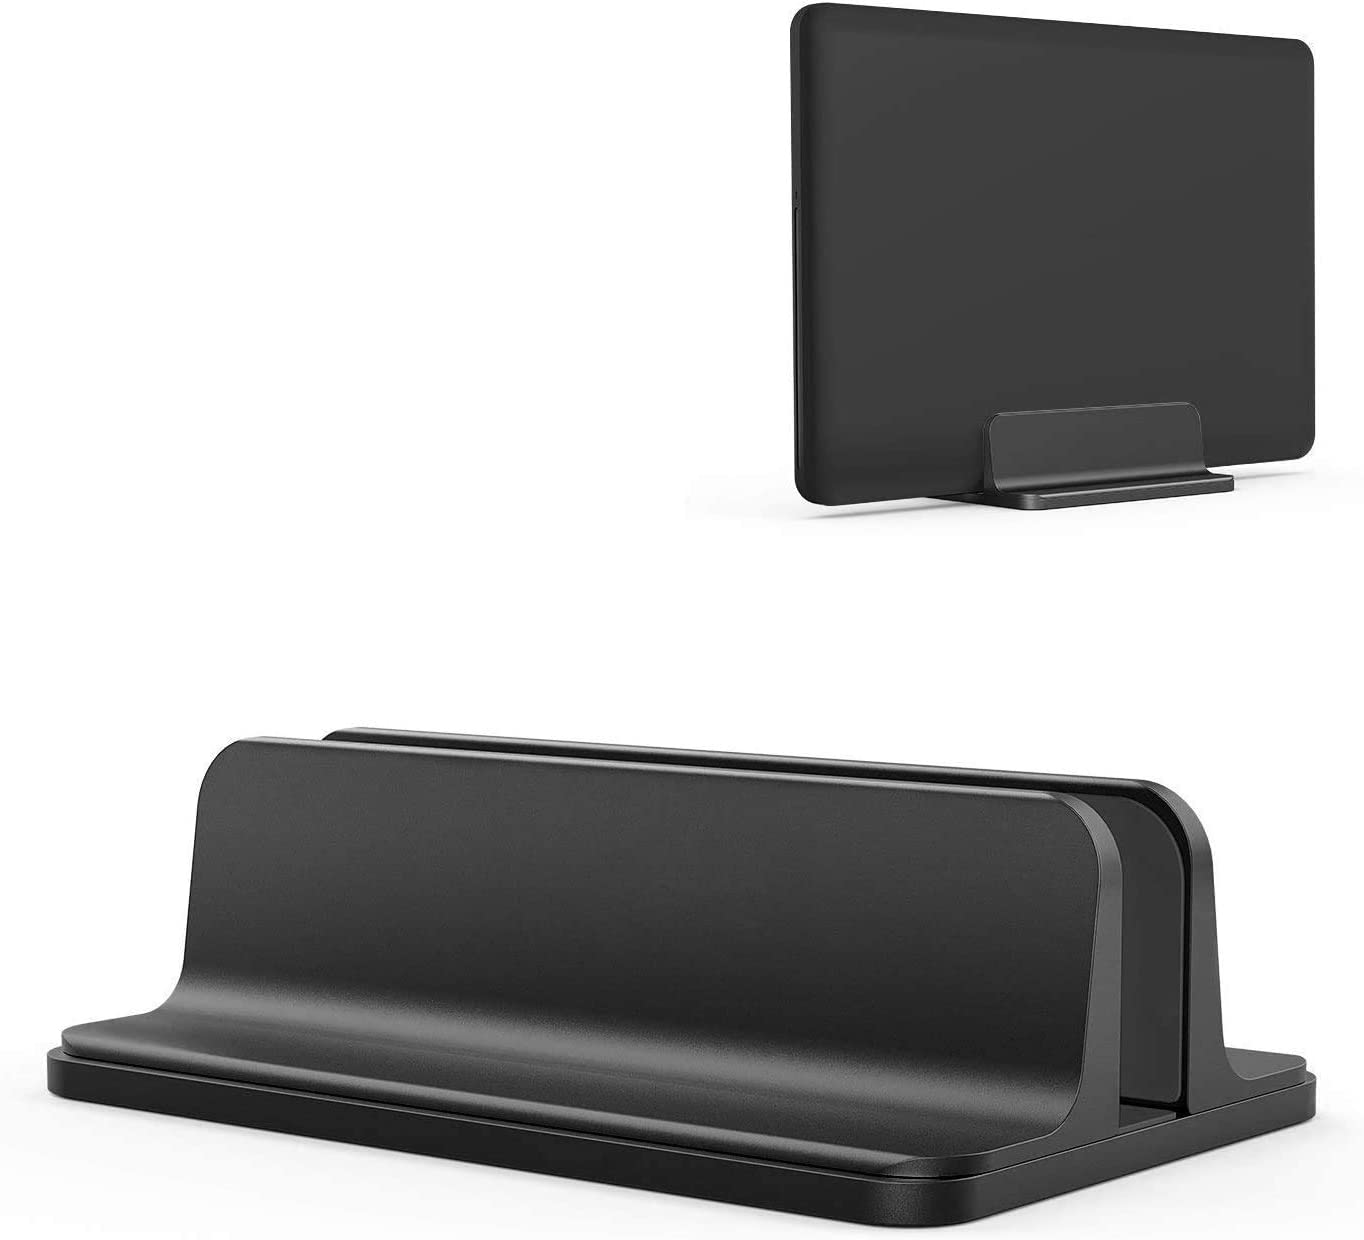 Vertical Laptop Stand Holder S Desktop Fees free!! excellence Adjustable